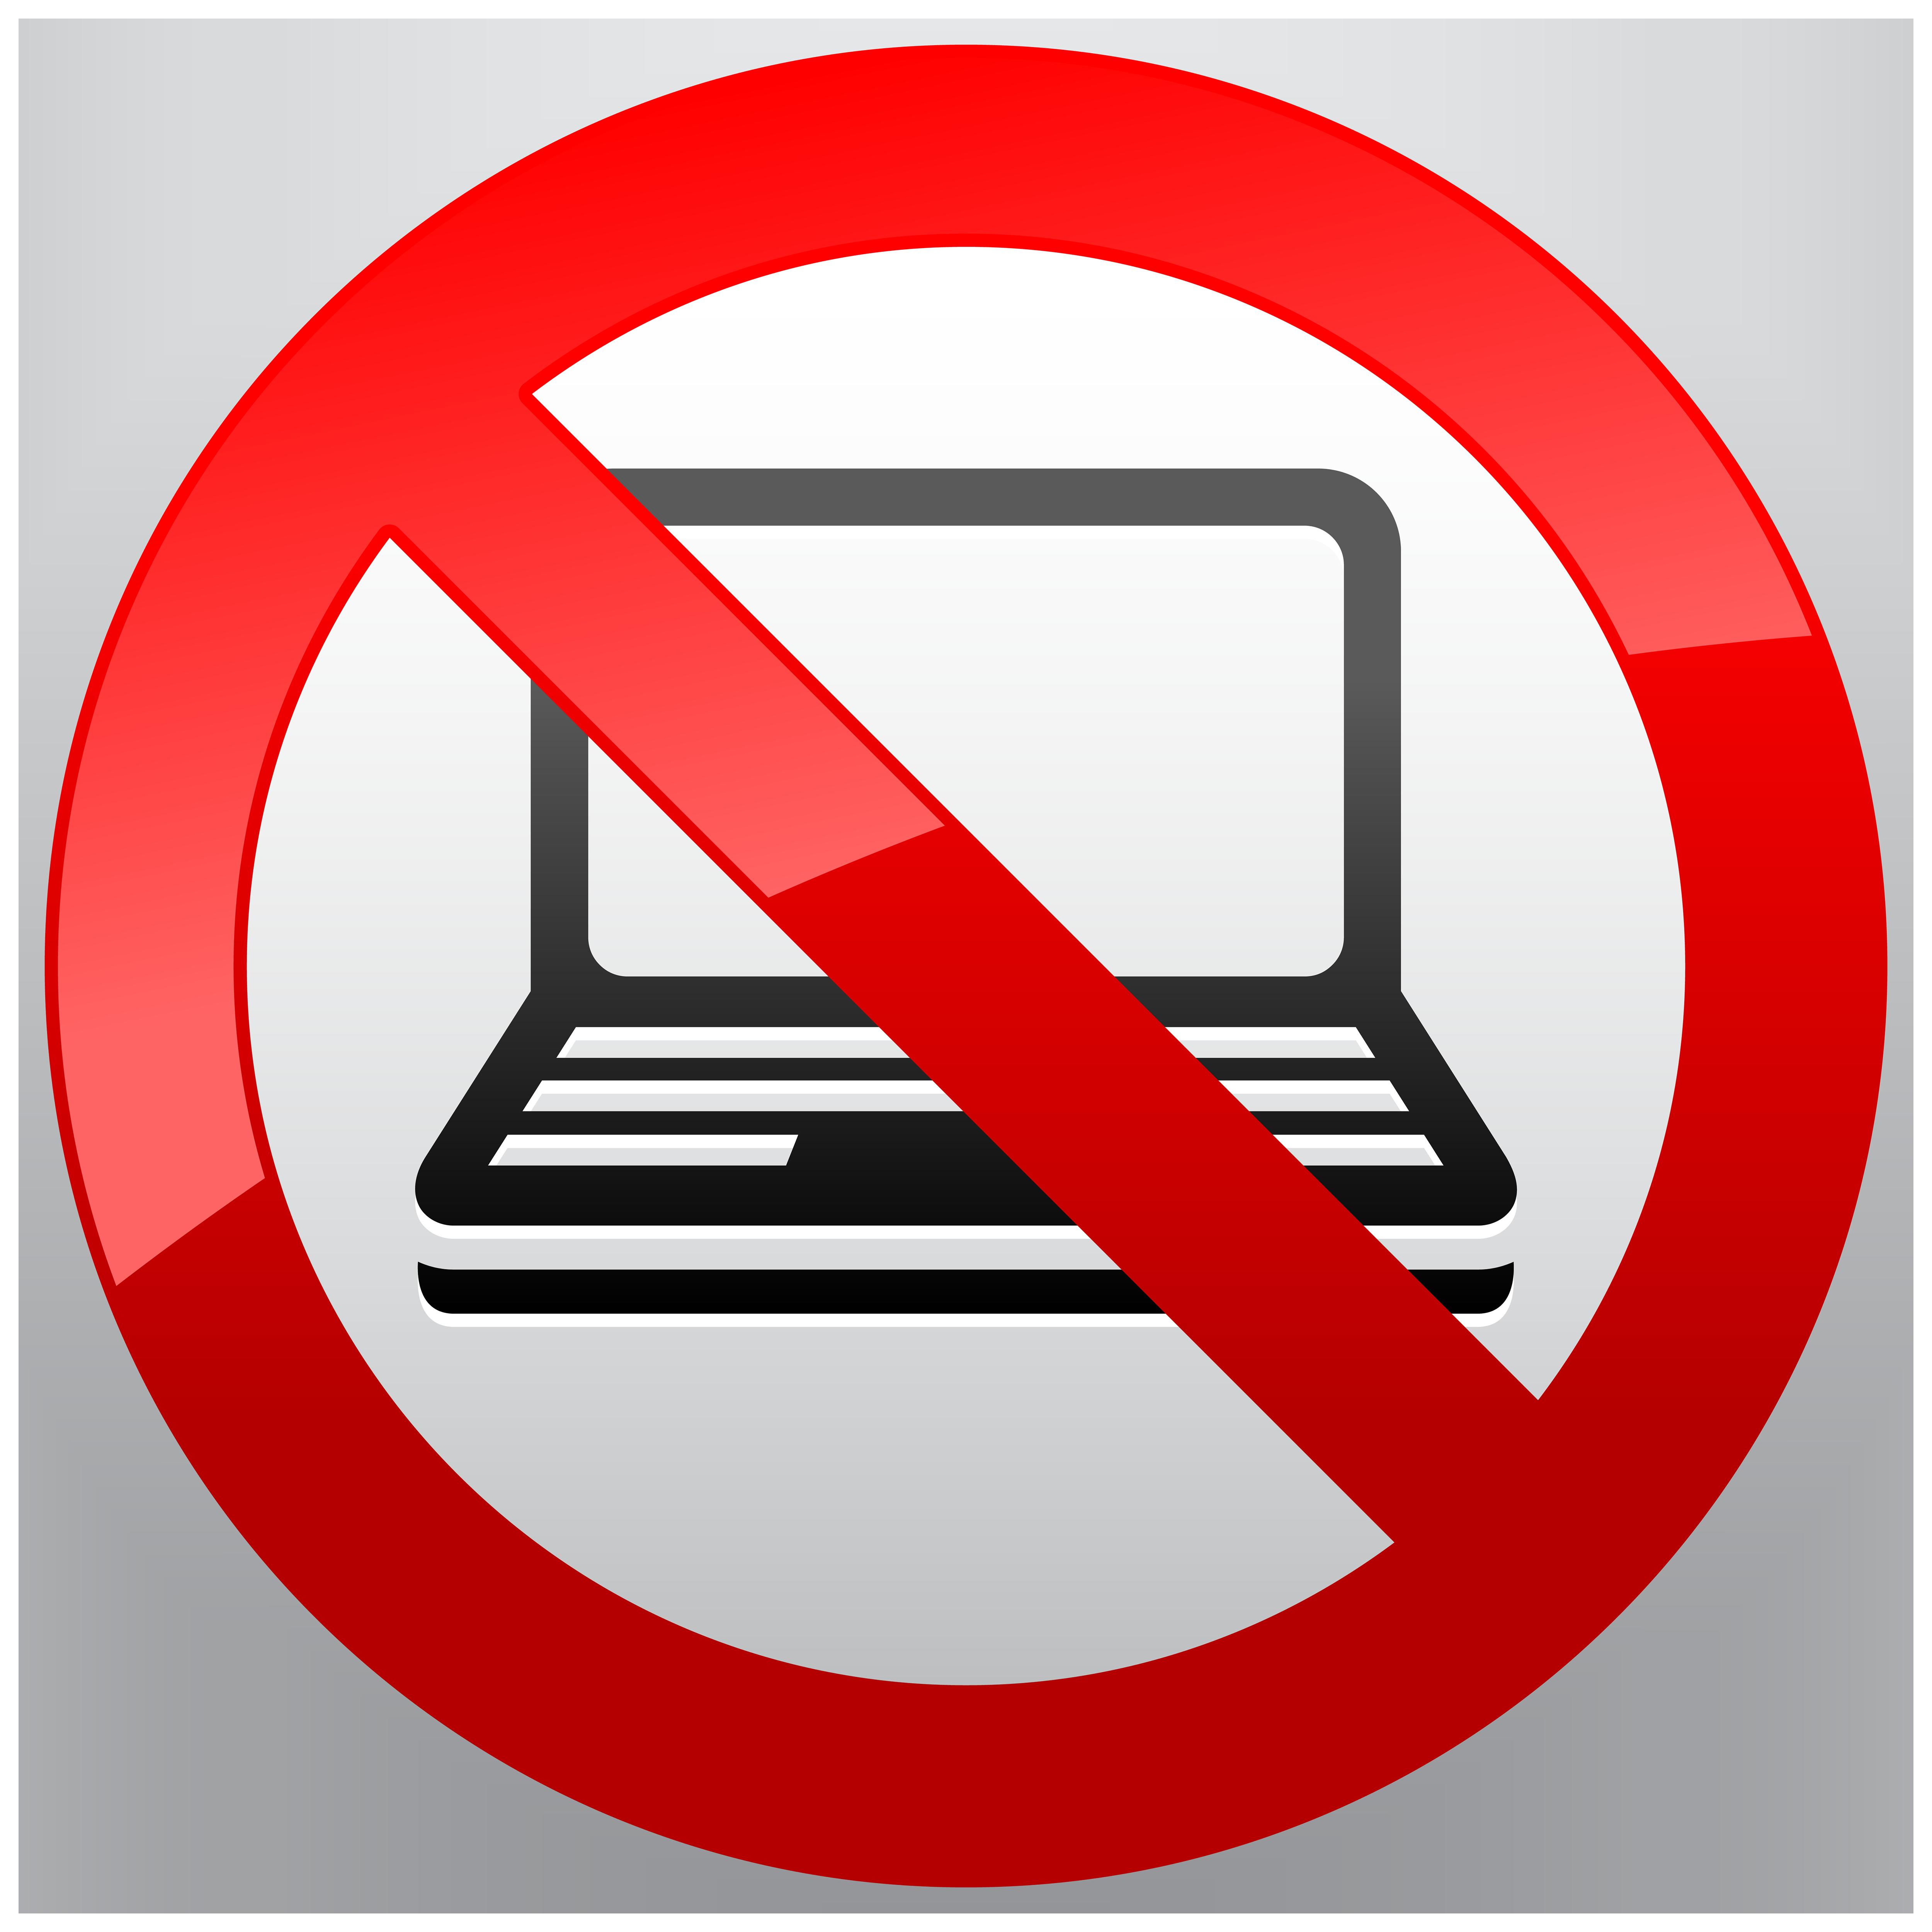 5000x5000 No Laptop Prohibition Sign Png Clipart